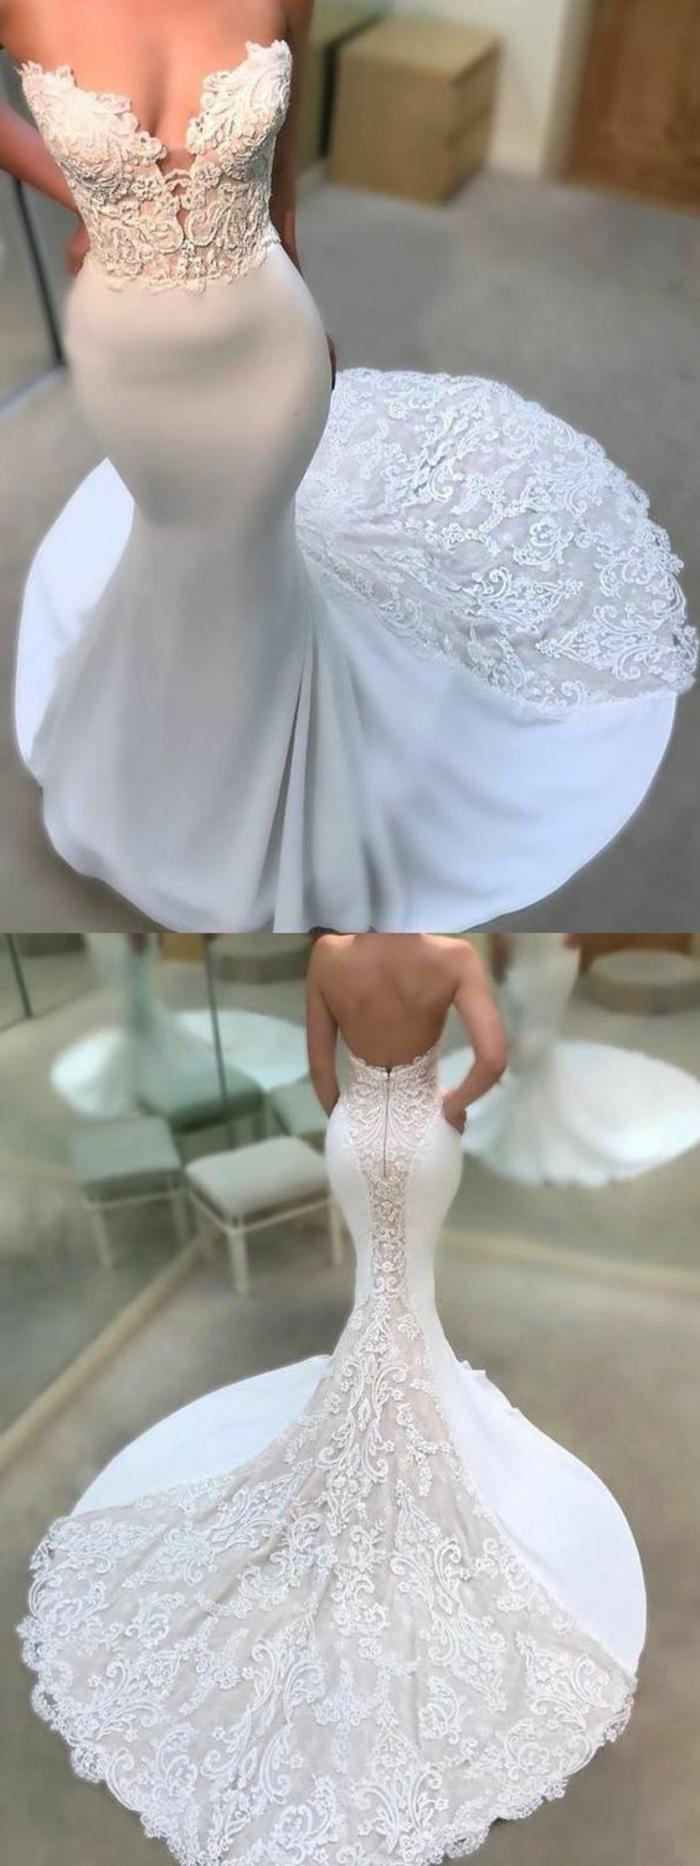 robe de mariée sirene, robe sirene mariage, robe de mariée près du corps, partie basse en éventail, partie en dentelle blanche transparente tout au long du dos et sur la traîne